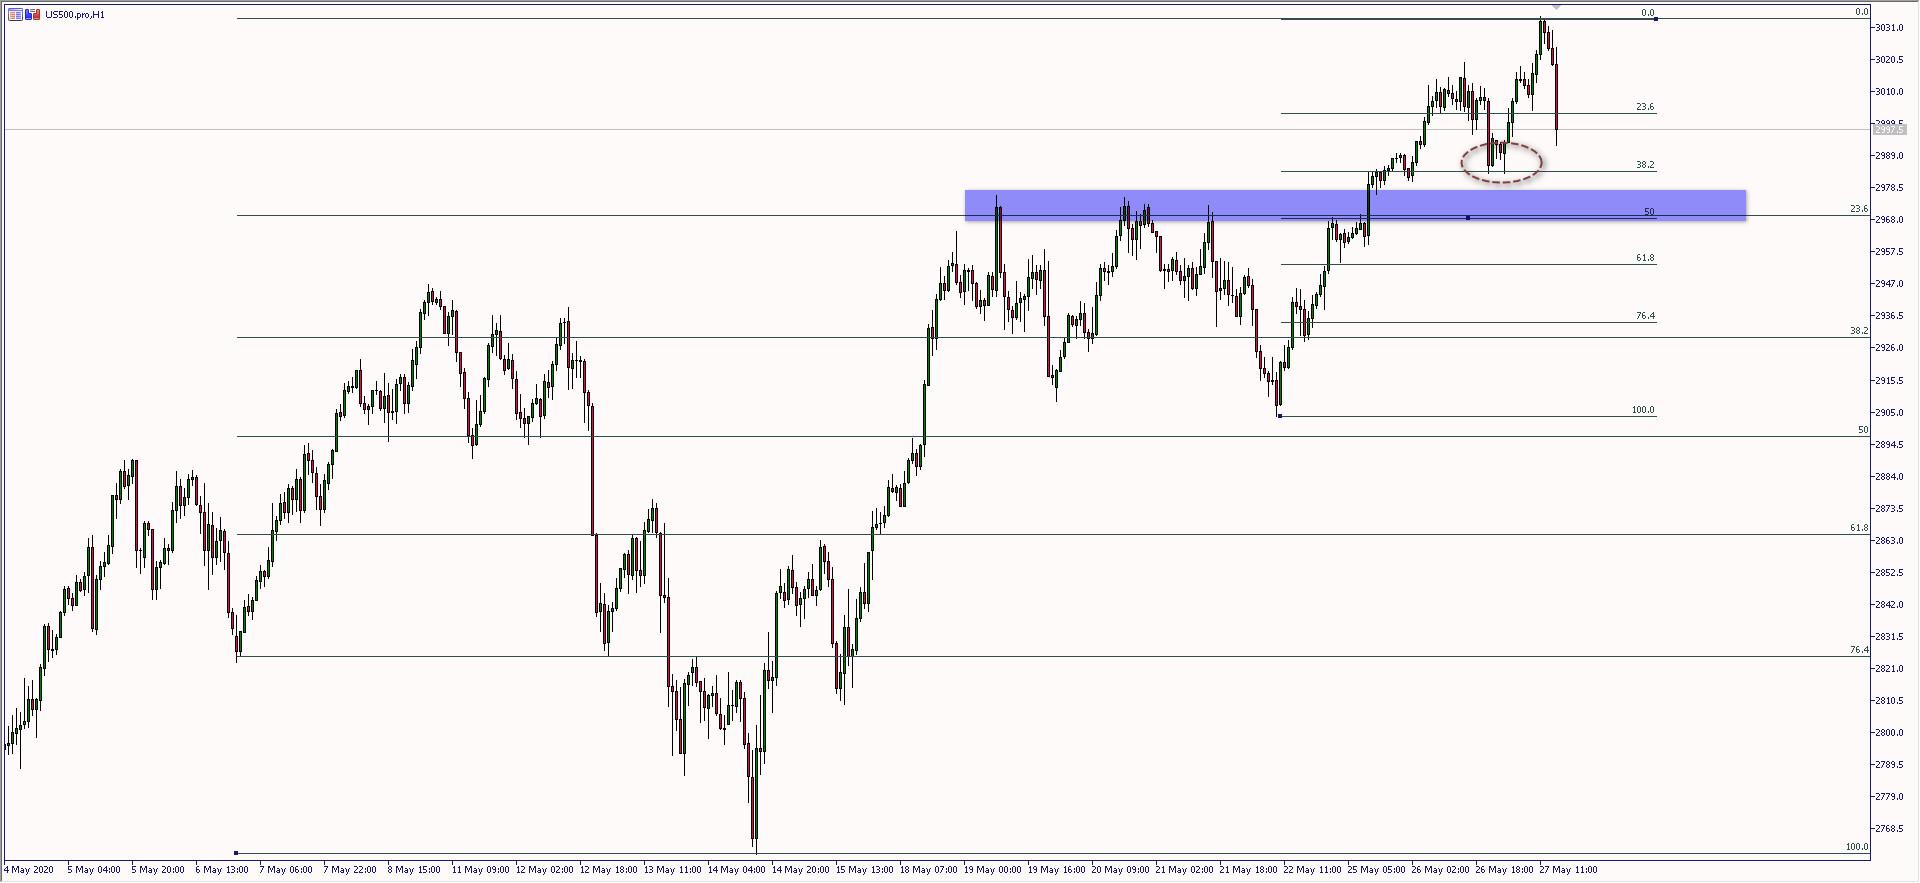 S&P500: wyraźne schłodzenie sentymentu